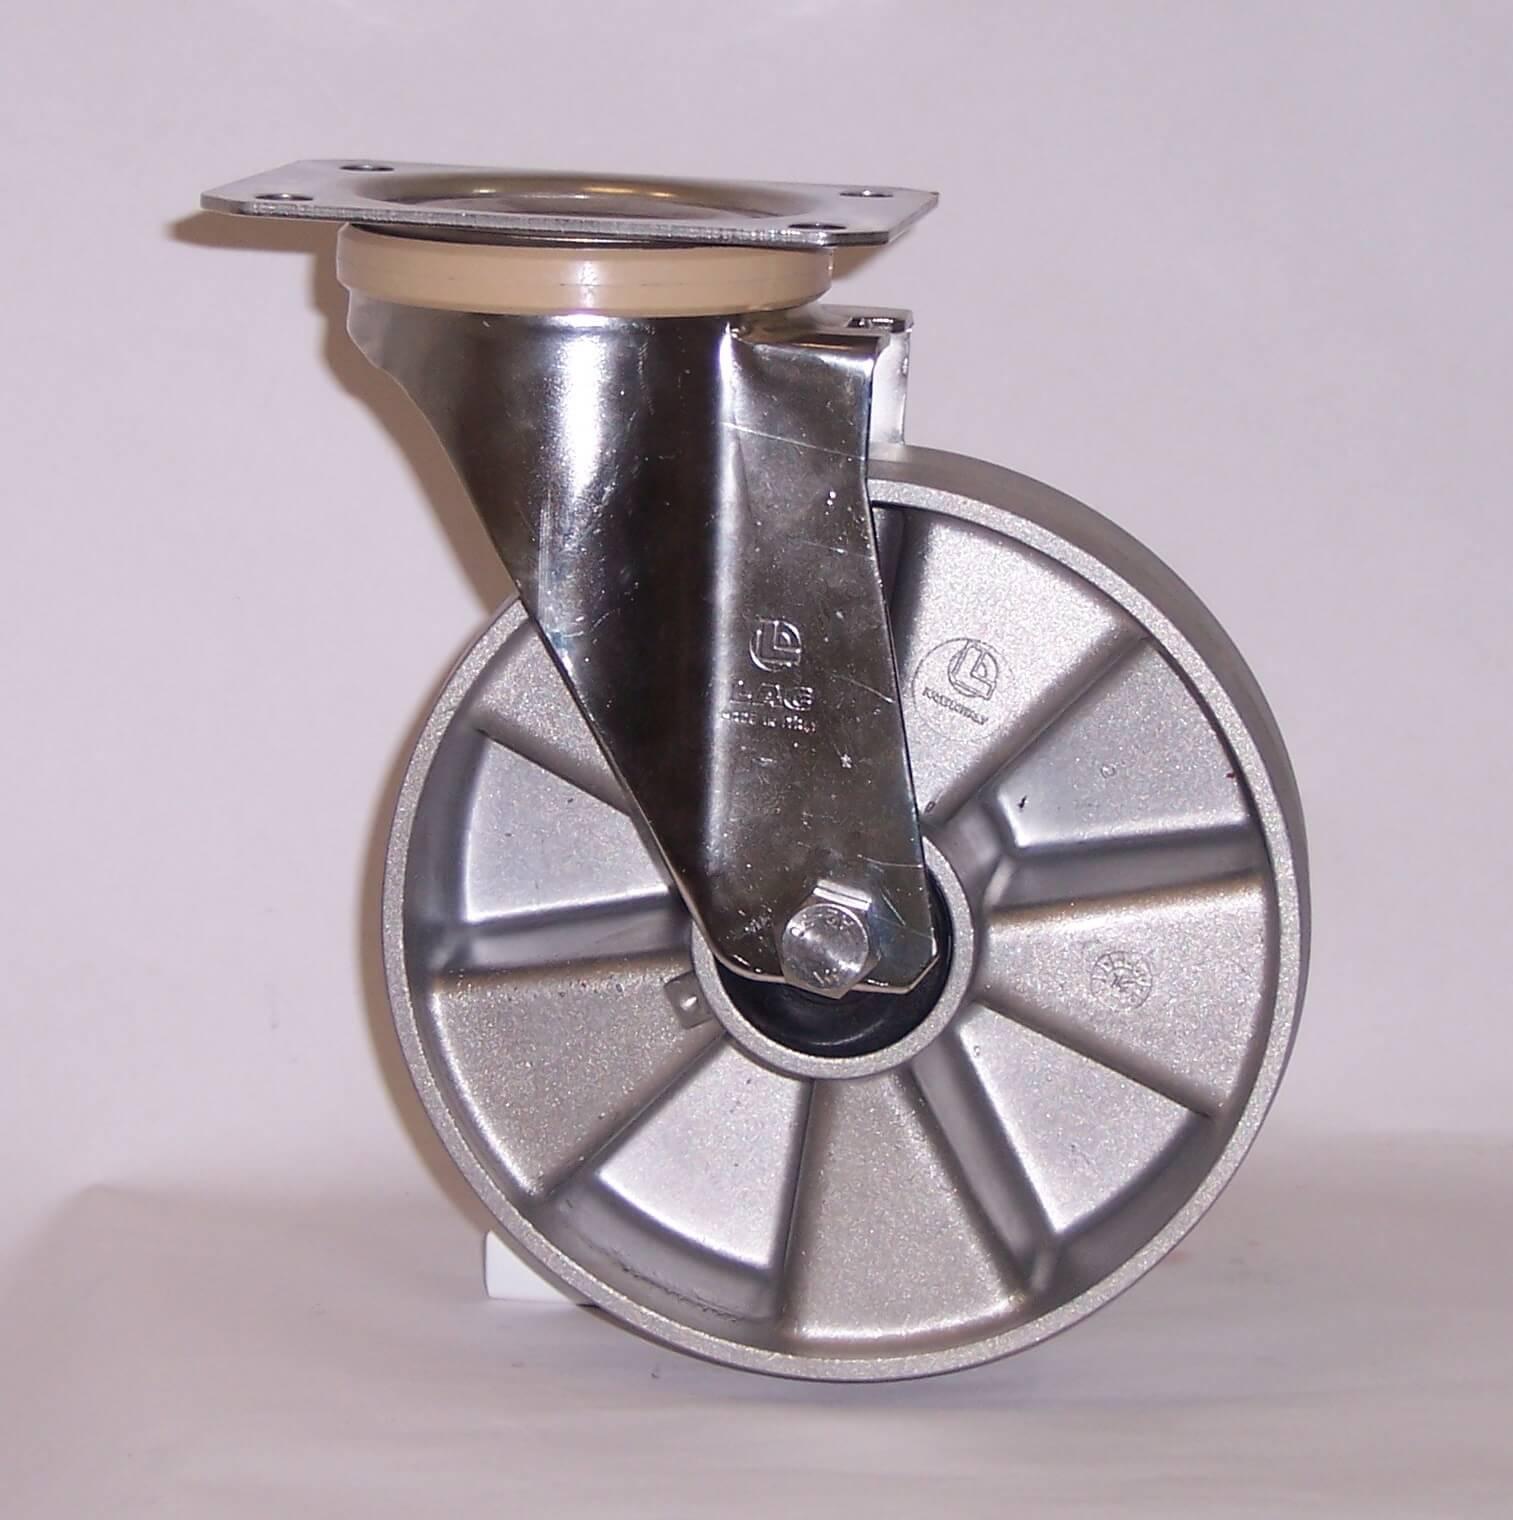 Ruote serie U con supporto INOX20 Ruote monolitiche in alluminio idonee per alte temperature (-40°C / +270°C). Disponibili con cuscinetti a sfere standard o inox Ruota con cuscinetti a sfere.